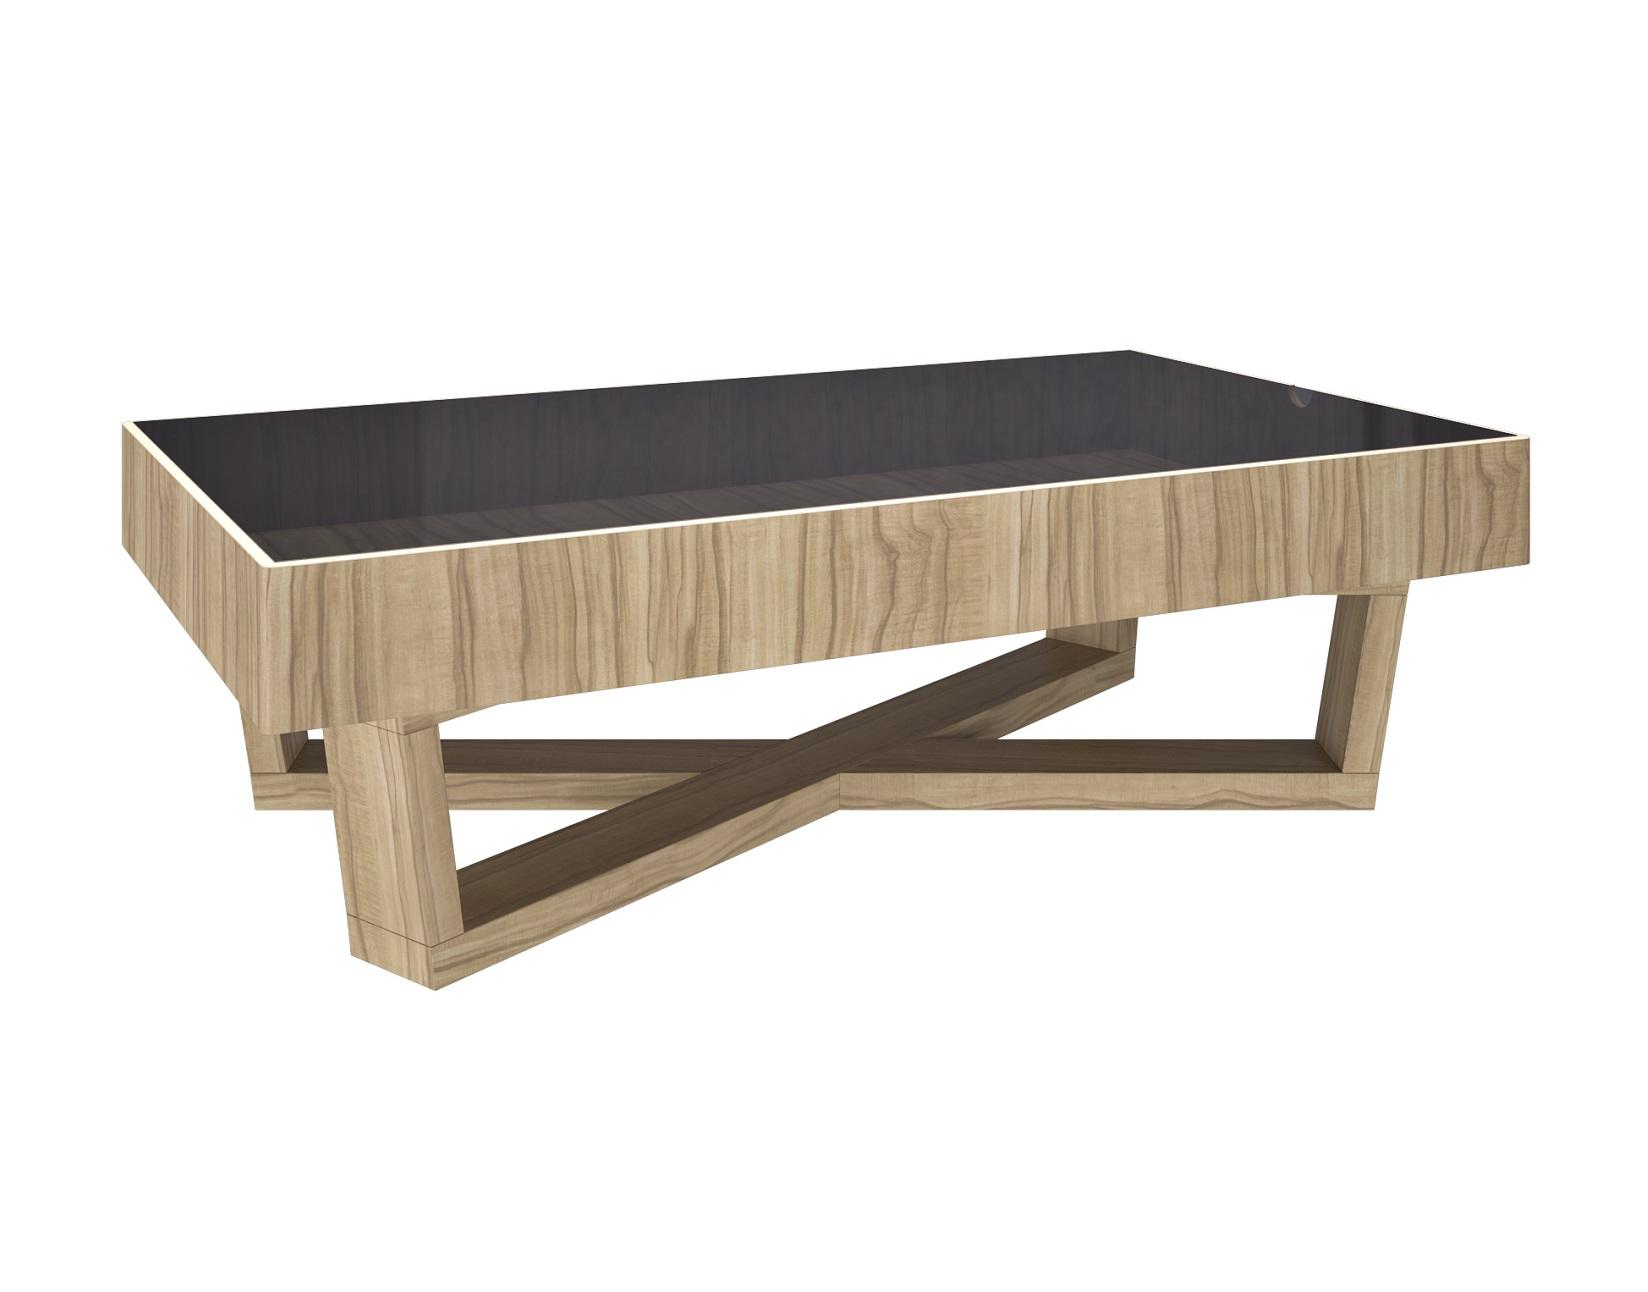 СтоликЖурнальные столики<br>Стильный современный прямоугольный журнальный столик в стиле модерн серии Lago Maggiore представлен в двух вариантах: венге и беленый дуб. Поверхность столика - массивное закаленное тонированное стекло толщиной 10 мм.<br><br>Столик обладает прекрасными эргономическими показателями, очень устойчивый и функциональный. Отлично впишется в интерьер зала, гостиной или обеденной зоны.<br><br>Material: Дерево<br>Ширина см: 65<br>Высота см: 35